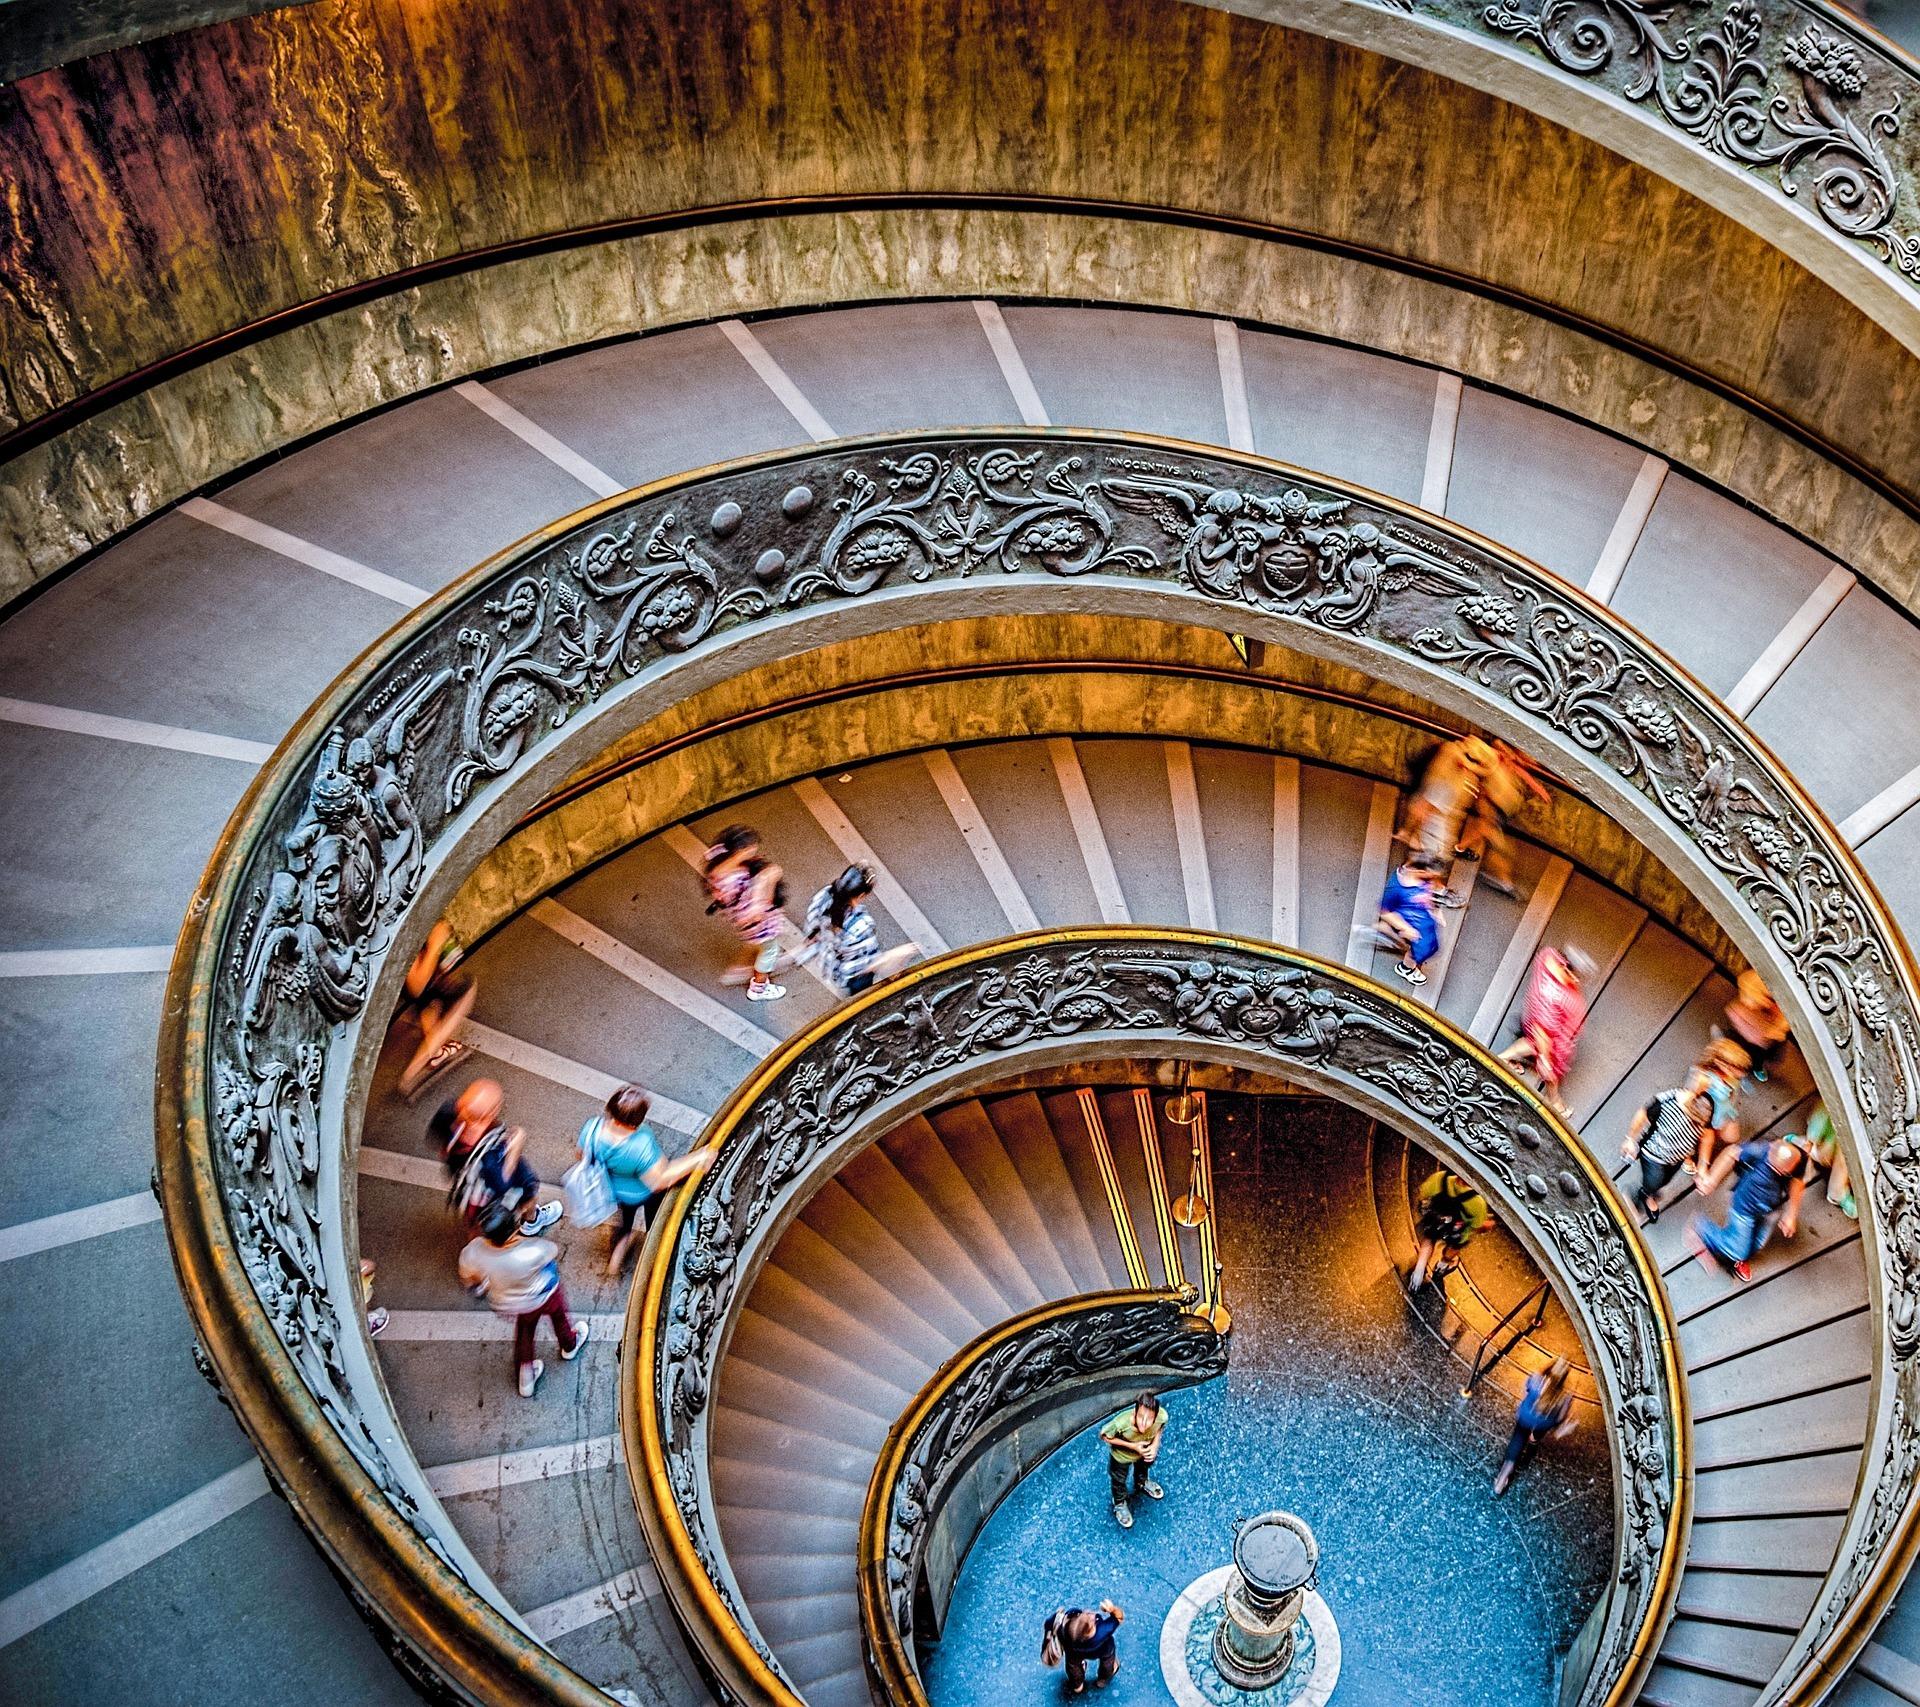 stairs-684150_1920.jpg